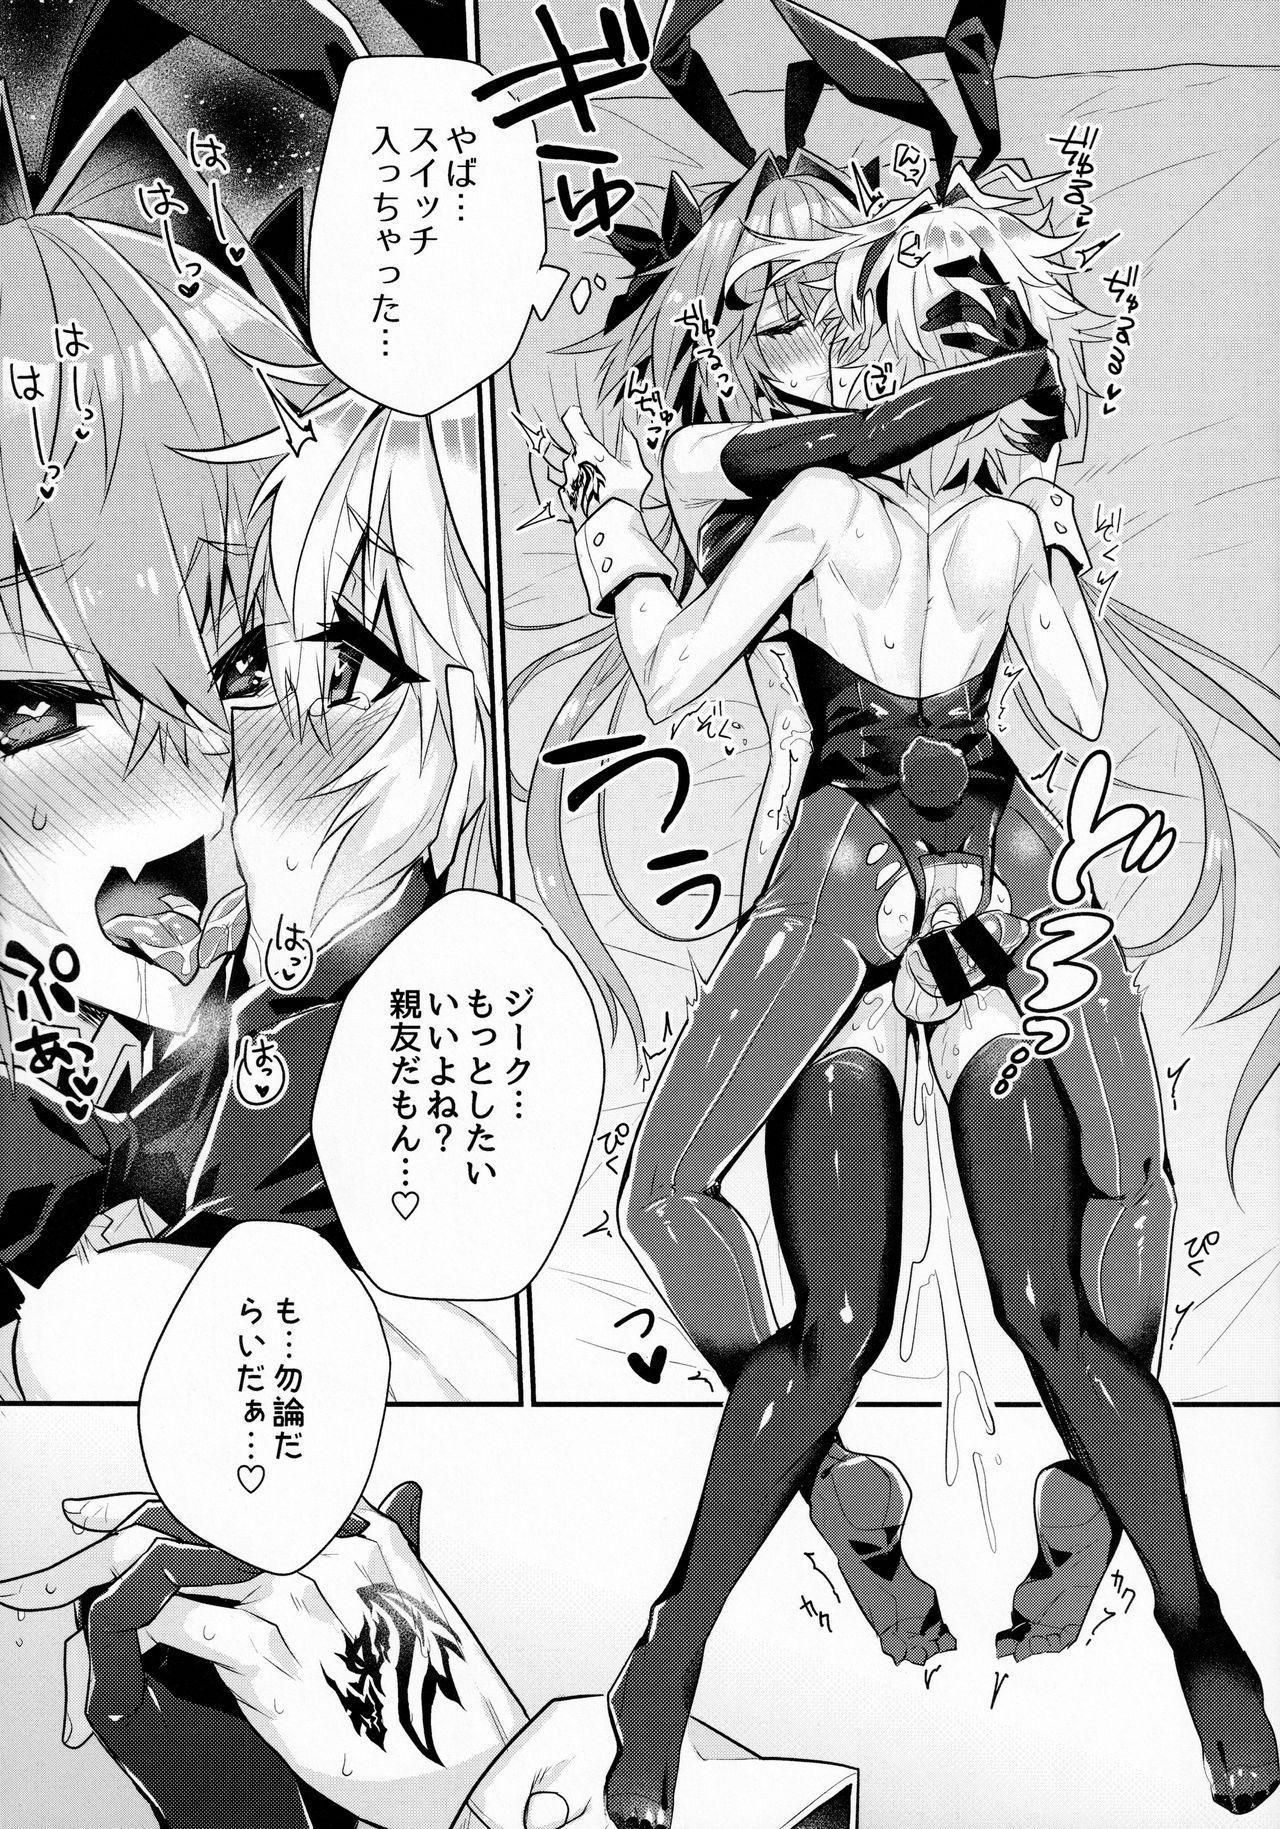 Nakanoii Shin'yuu wa Bunny Cosplay Kijou-i Koubi o Sururashii Zo 9